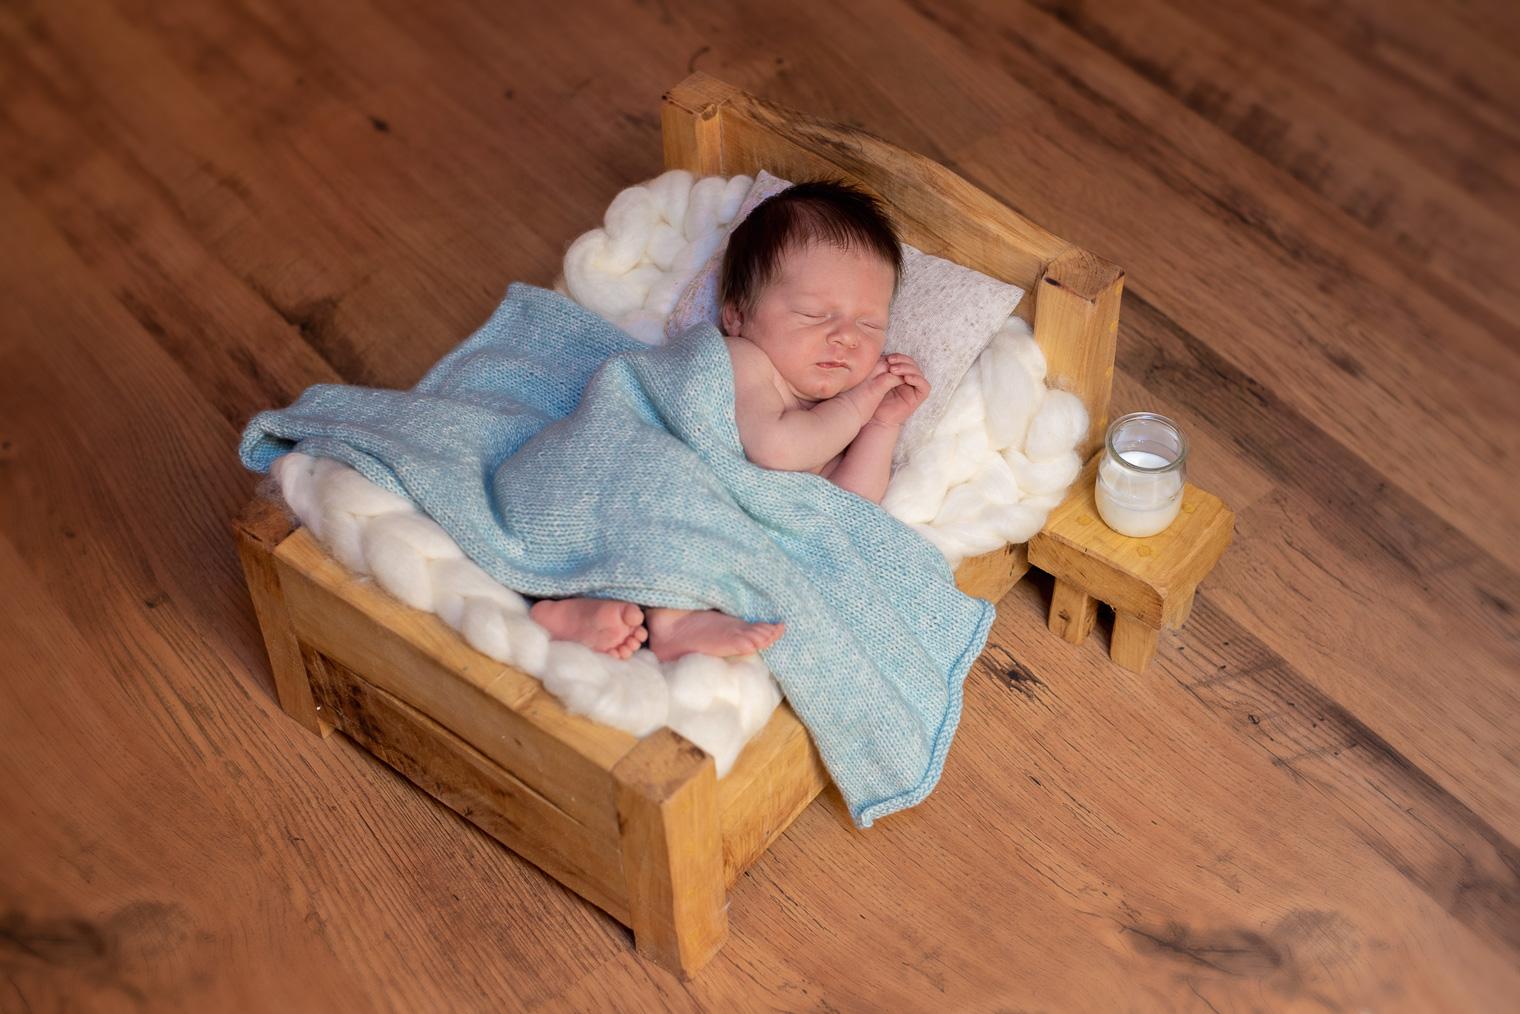 belinda lopez photo nouveau-ne photographie famille grossesse bebe enfant maternite photographe bourg-saint-maurice savoie belindalopez.fr-20